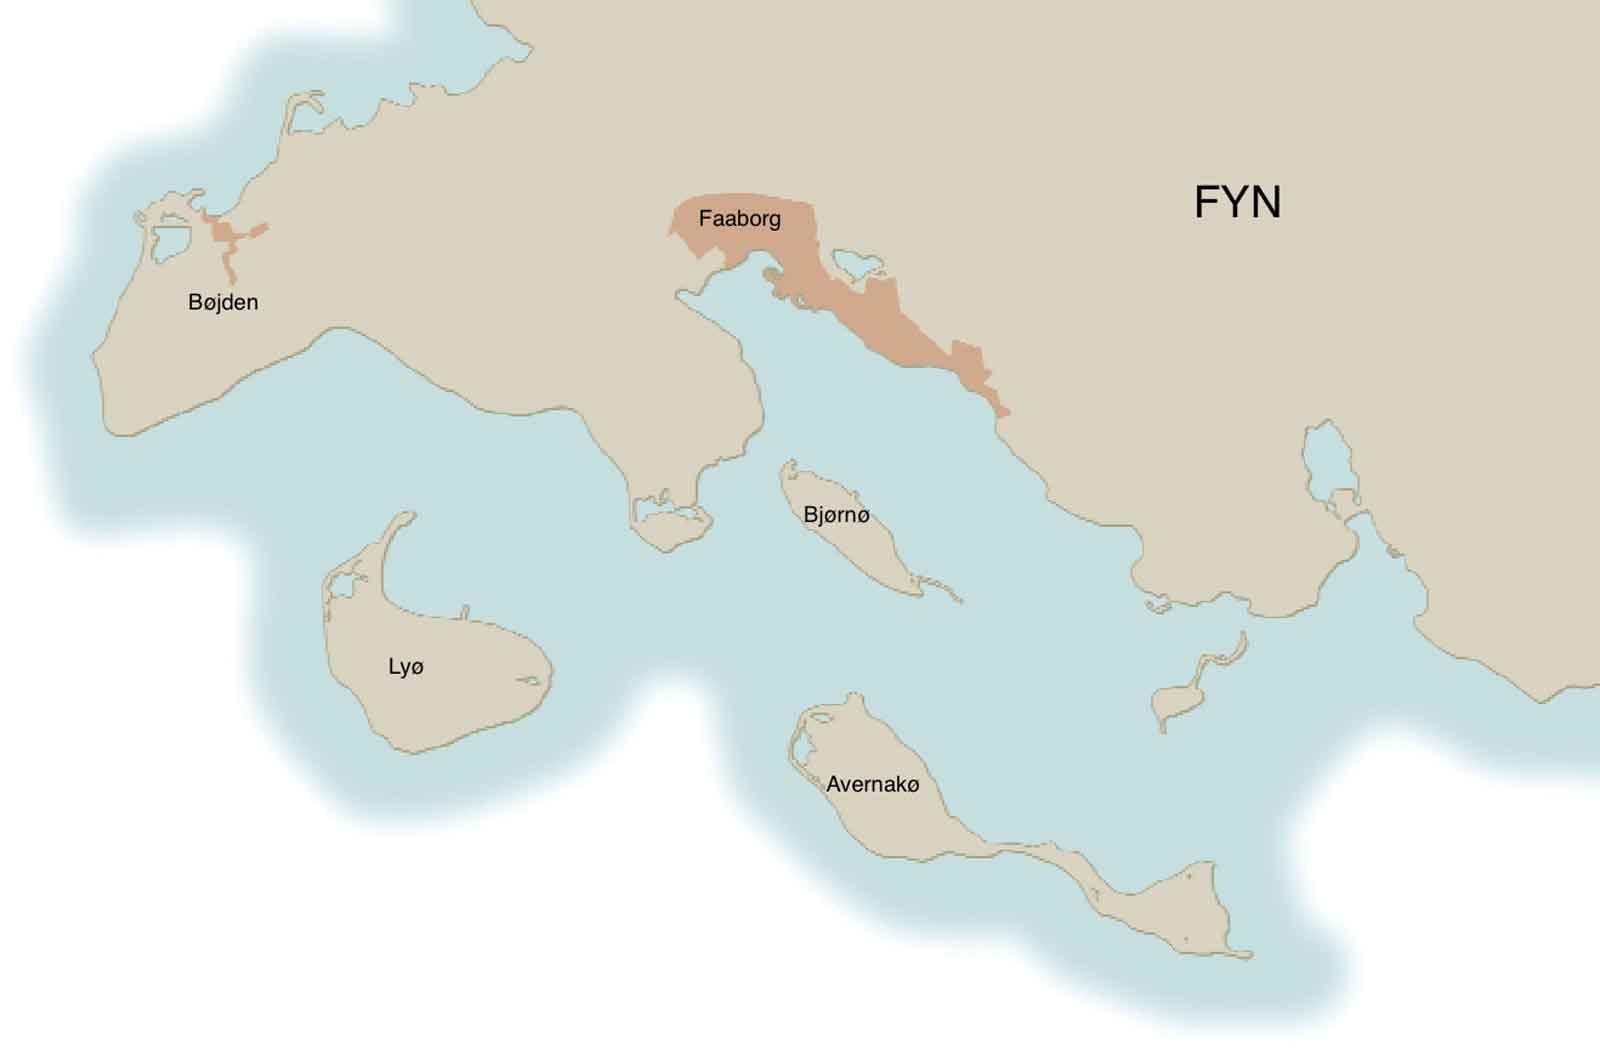 Kystpladser Fyn